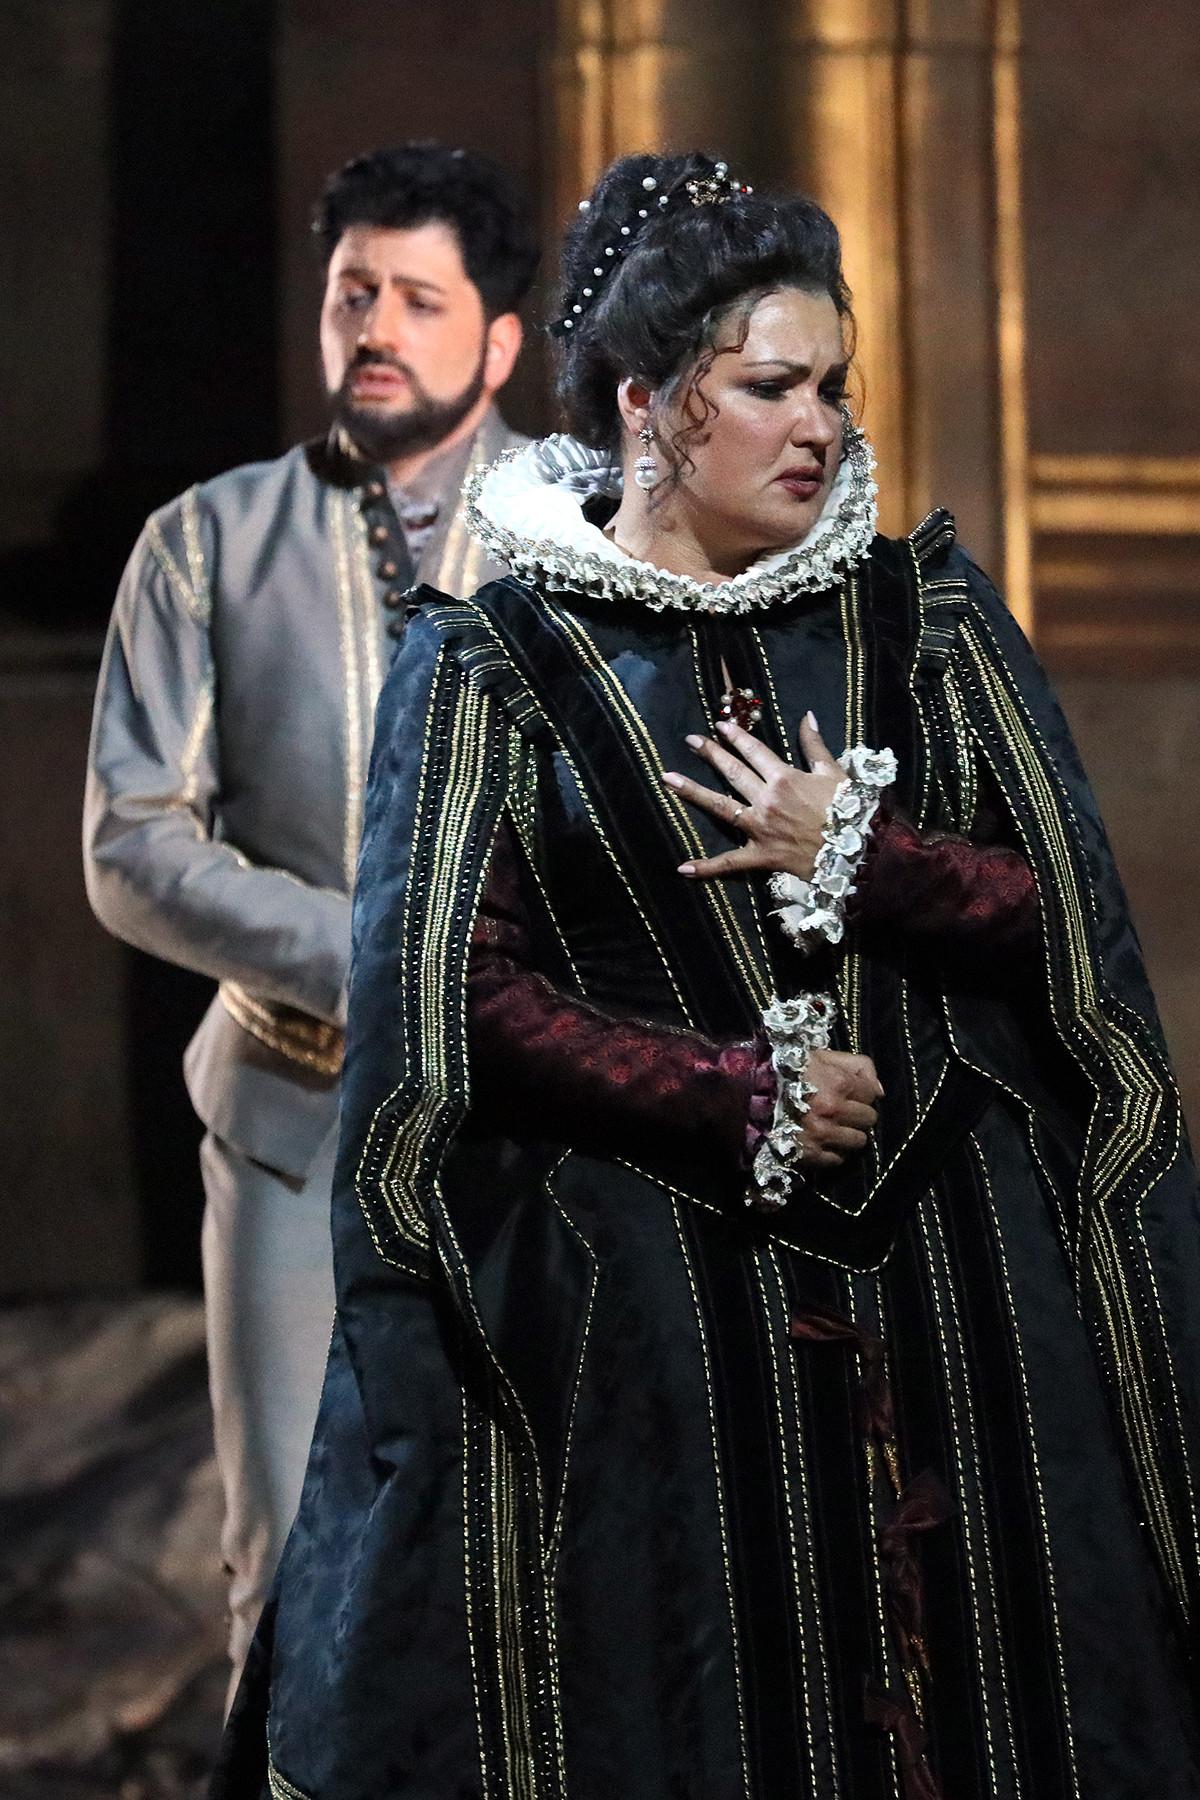 Anna Netrebko and Yusif Eyvazov in the opera 'Don Carlo'.